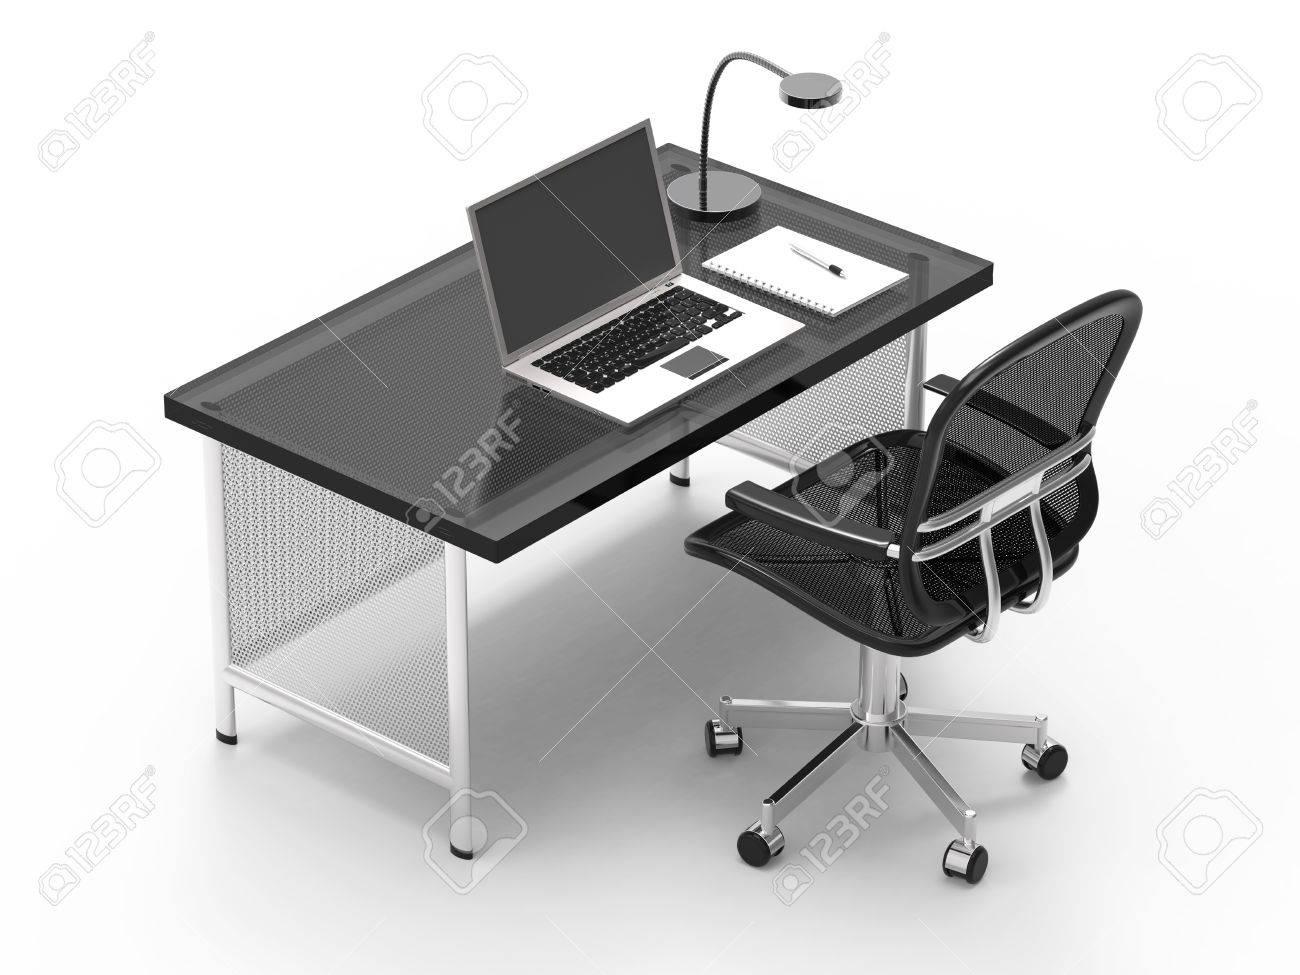 Scrivania per ufficio con computer notebook luce e penna su